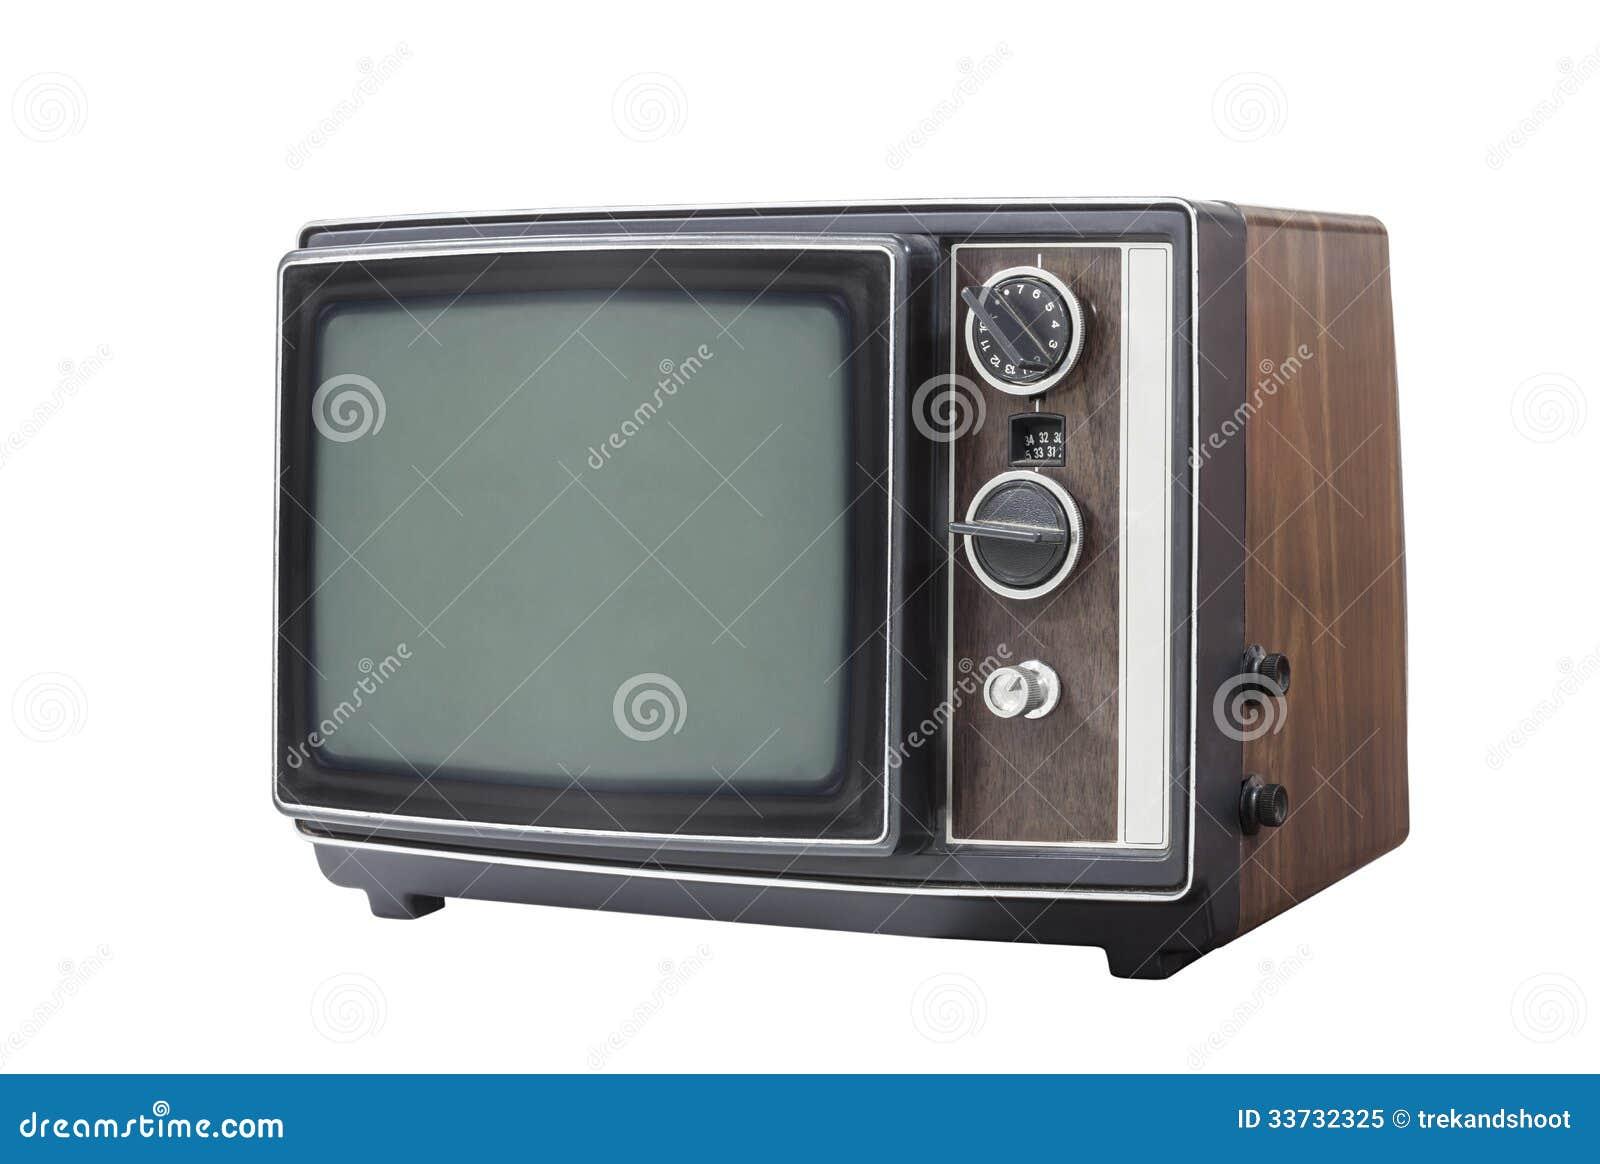 Ретро портативный изолированный телевизор